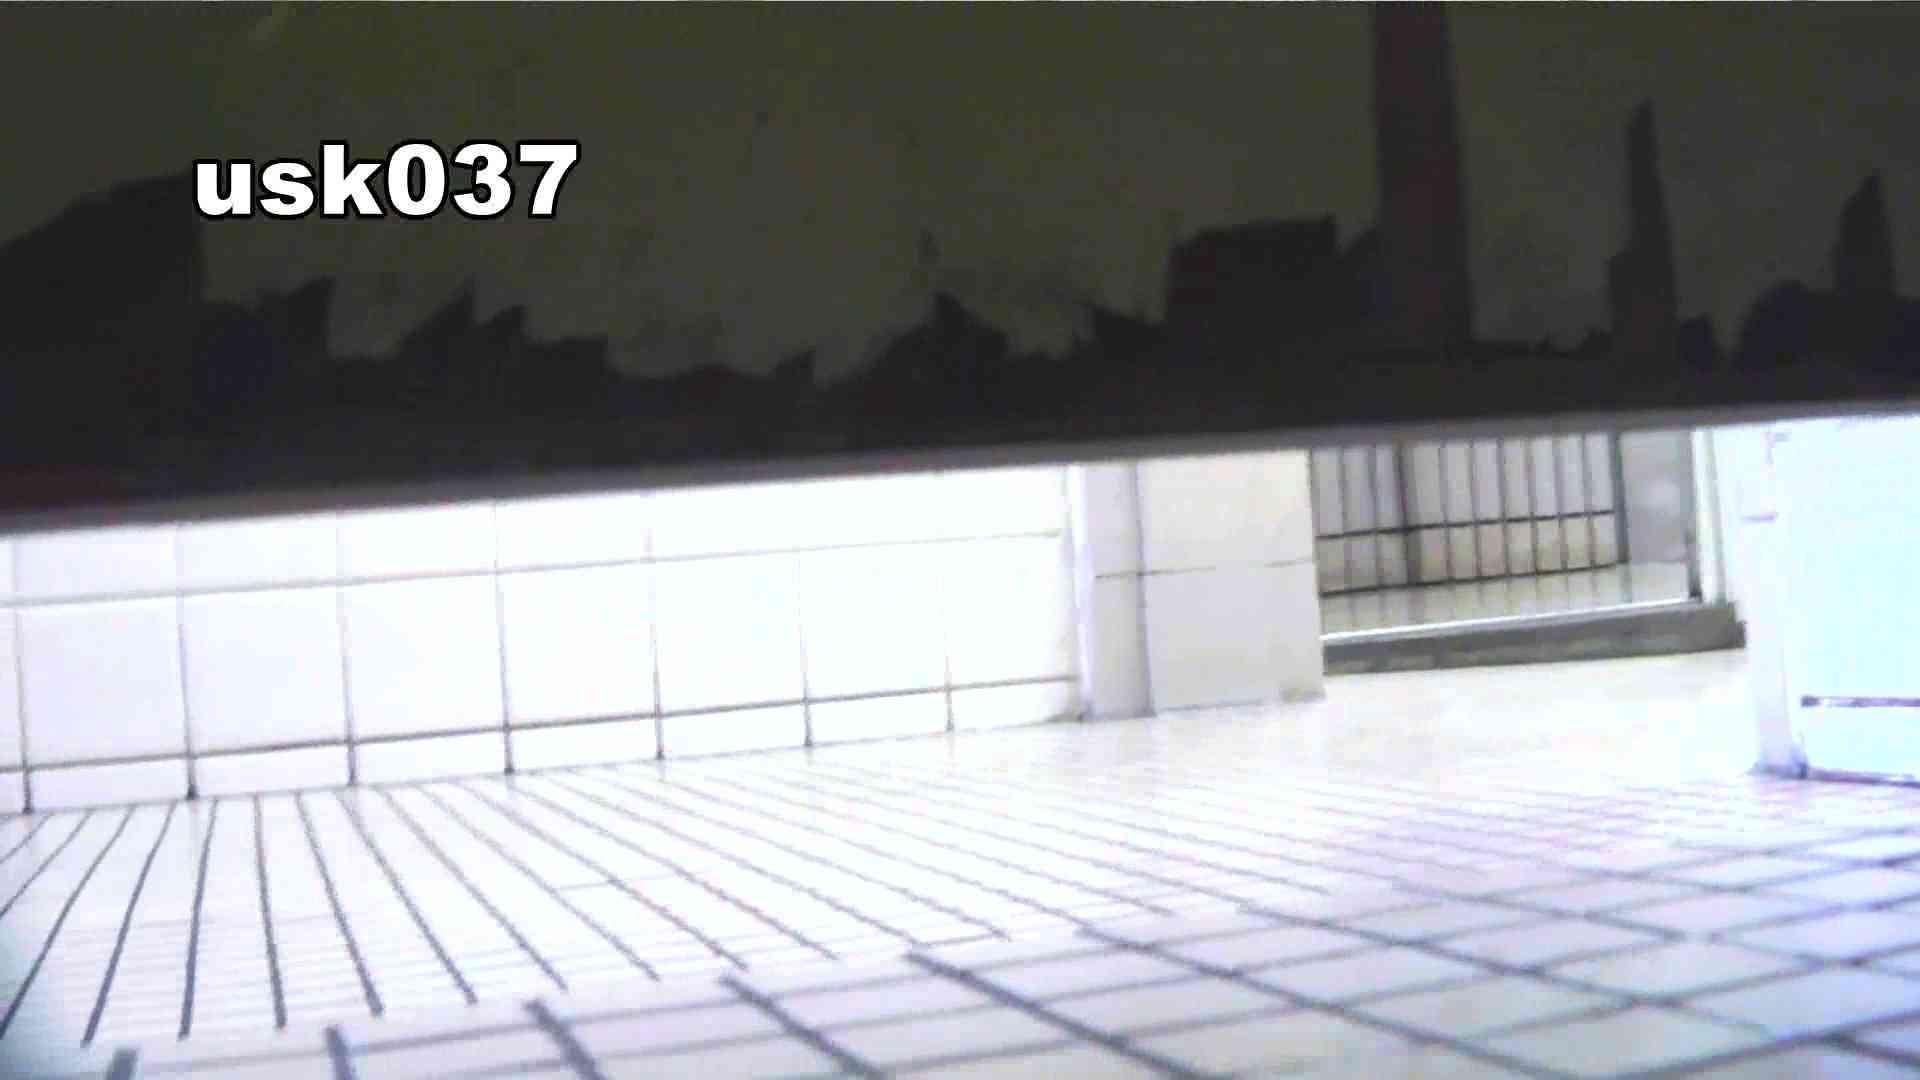 【美しき個室な世界】 vol.037 ひねり出す様子(フトイです) 洗面所  97連発 68